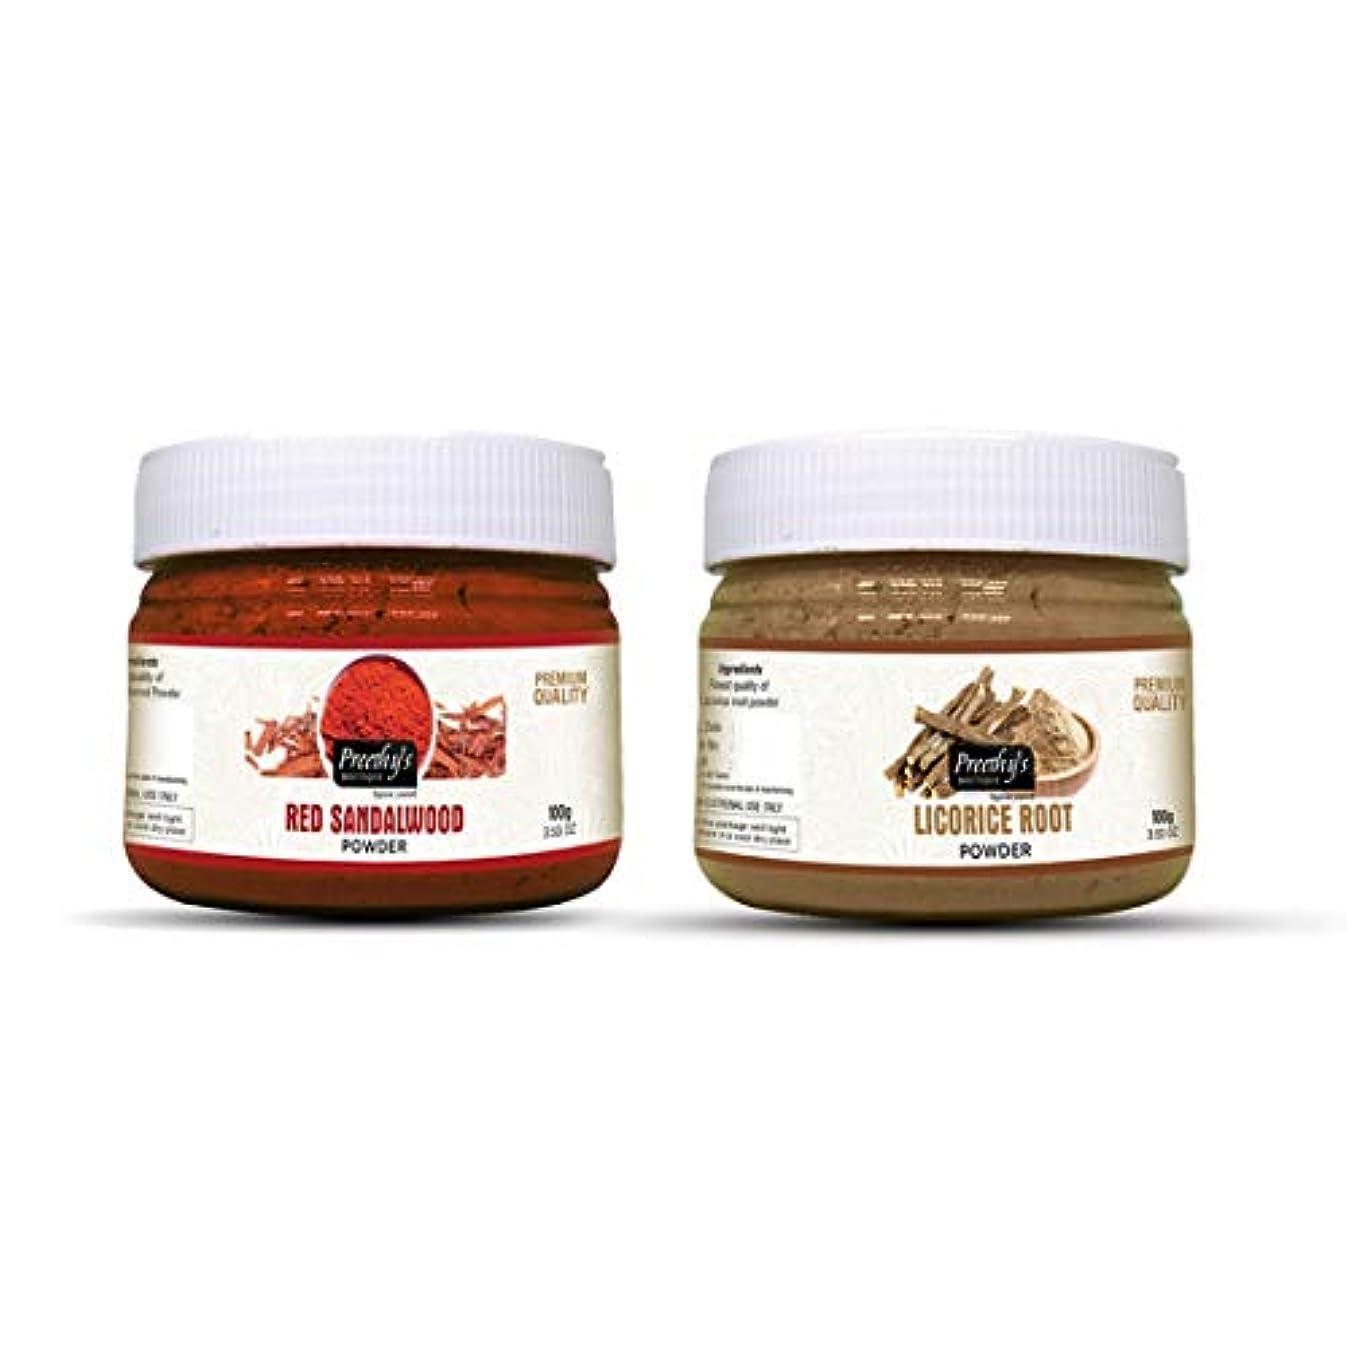 旋律的マイルストーン広がりCombo offer Of Licorice root powder 100gm & Red sandalwood powder 100gm - Natural Remedies for Skin Disorders,...